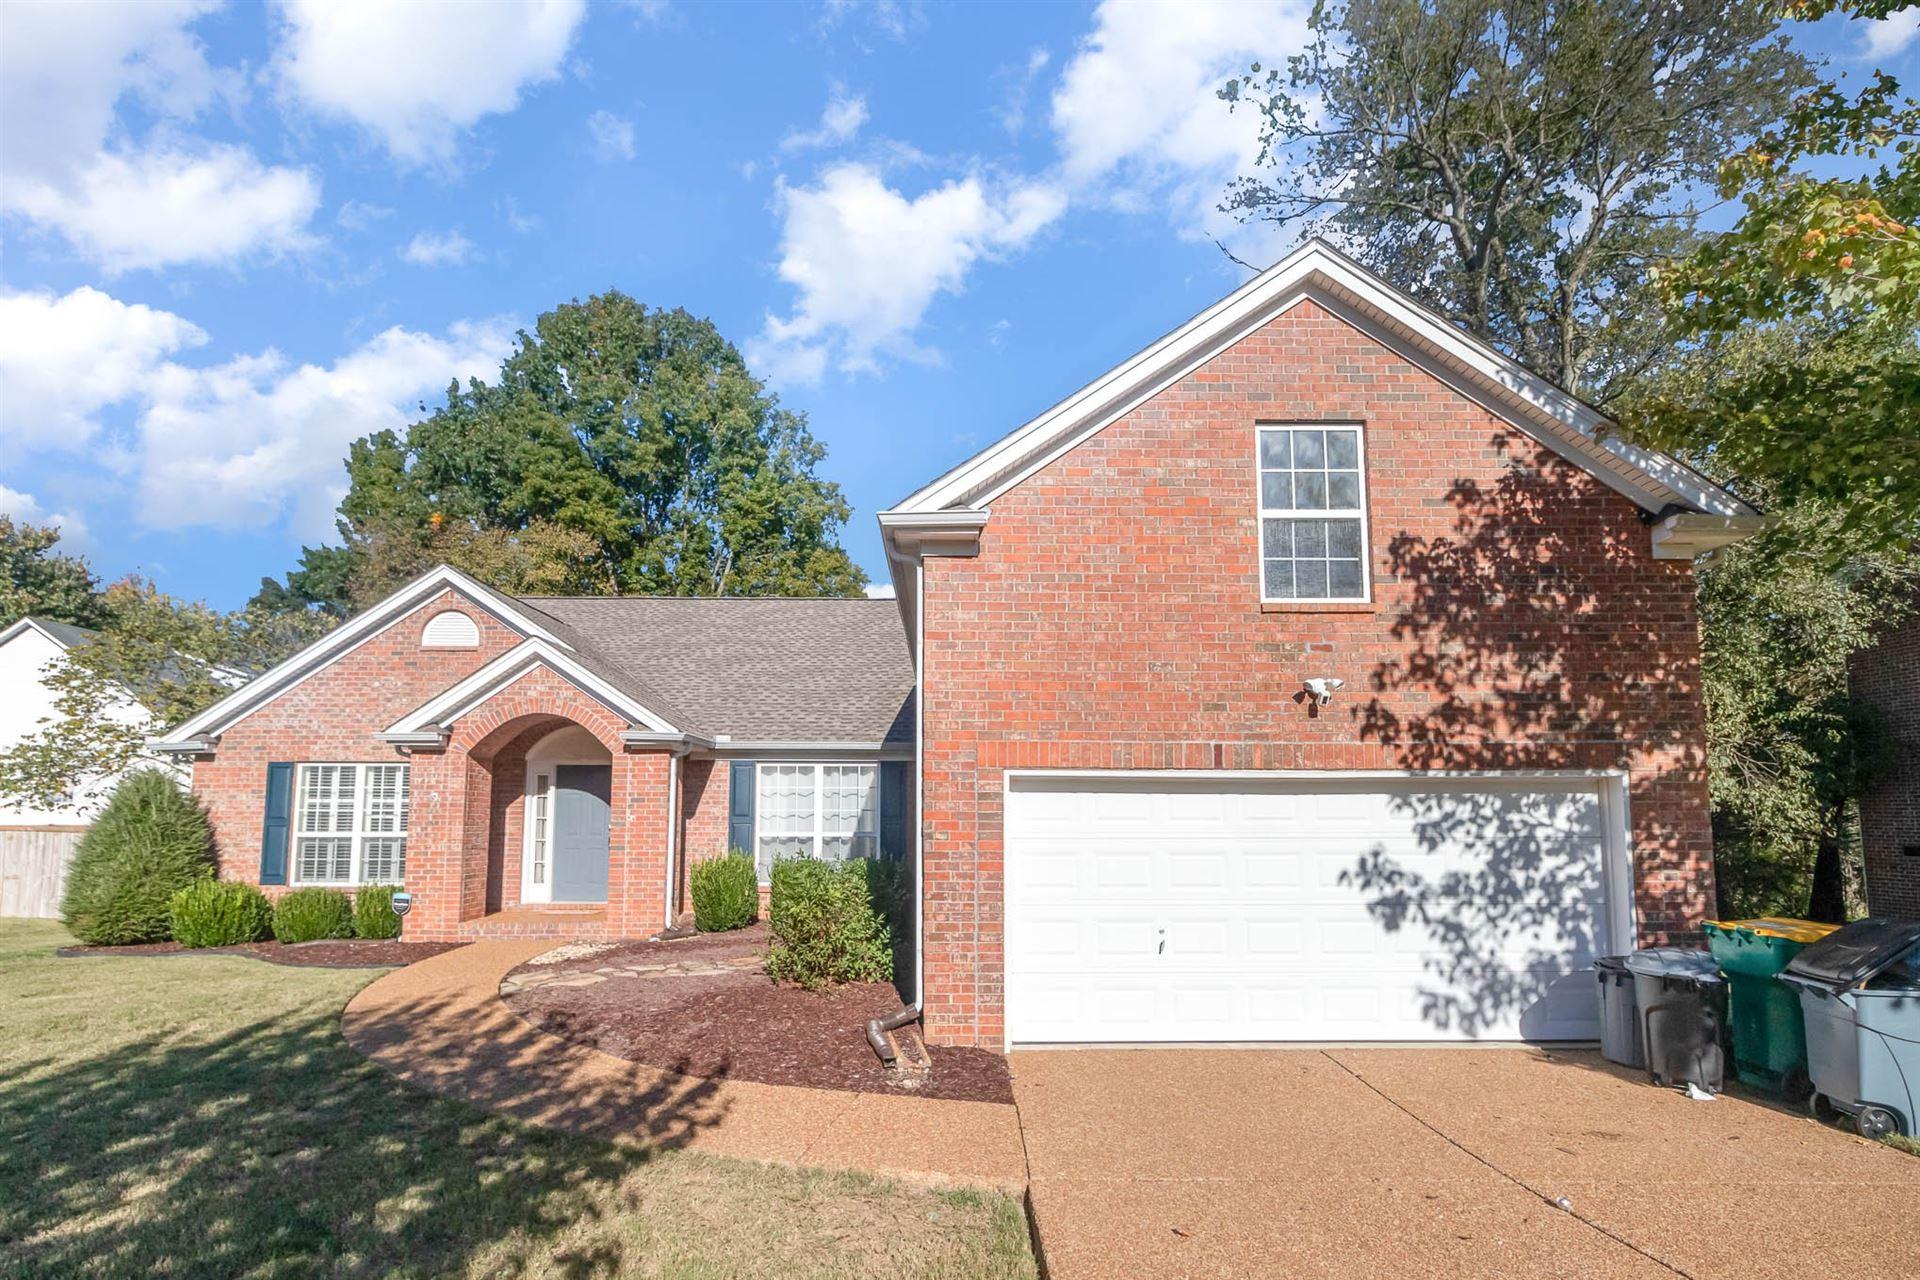 Photo of 2922 Burtonwood Dr, Spring Hill, TN 37174 (MLS # 2302154)